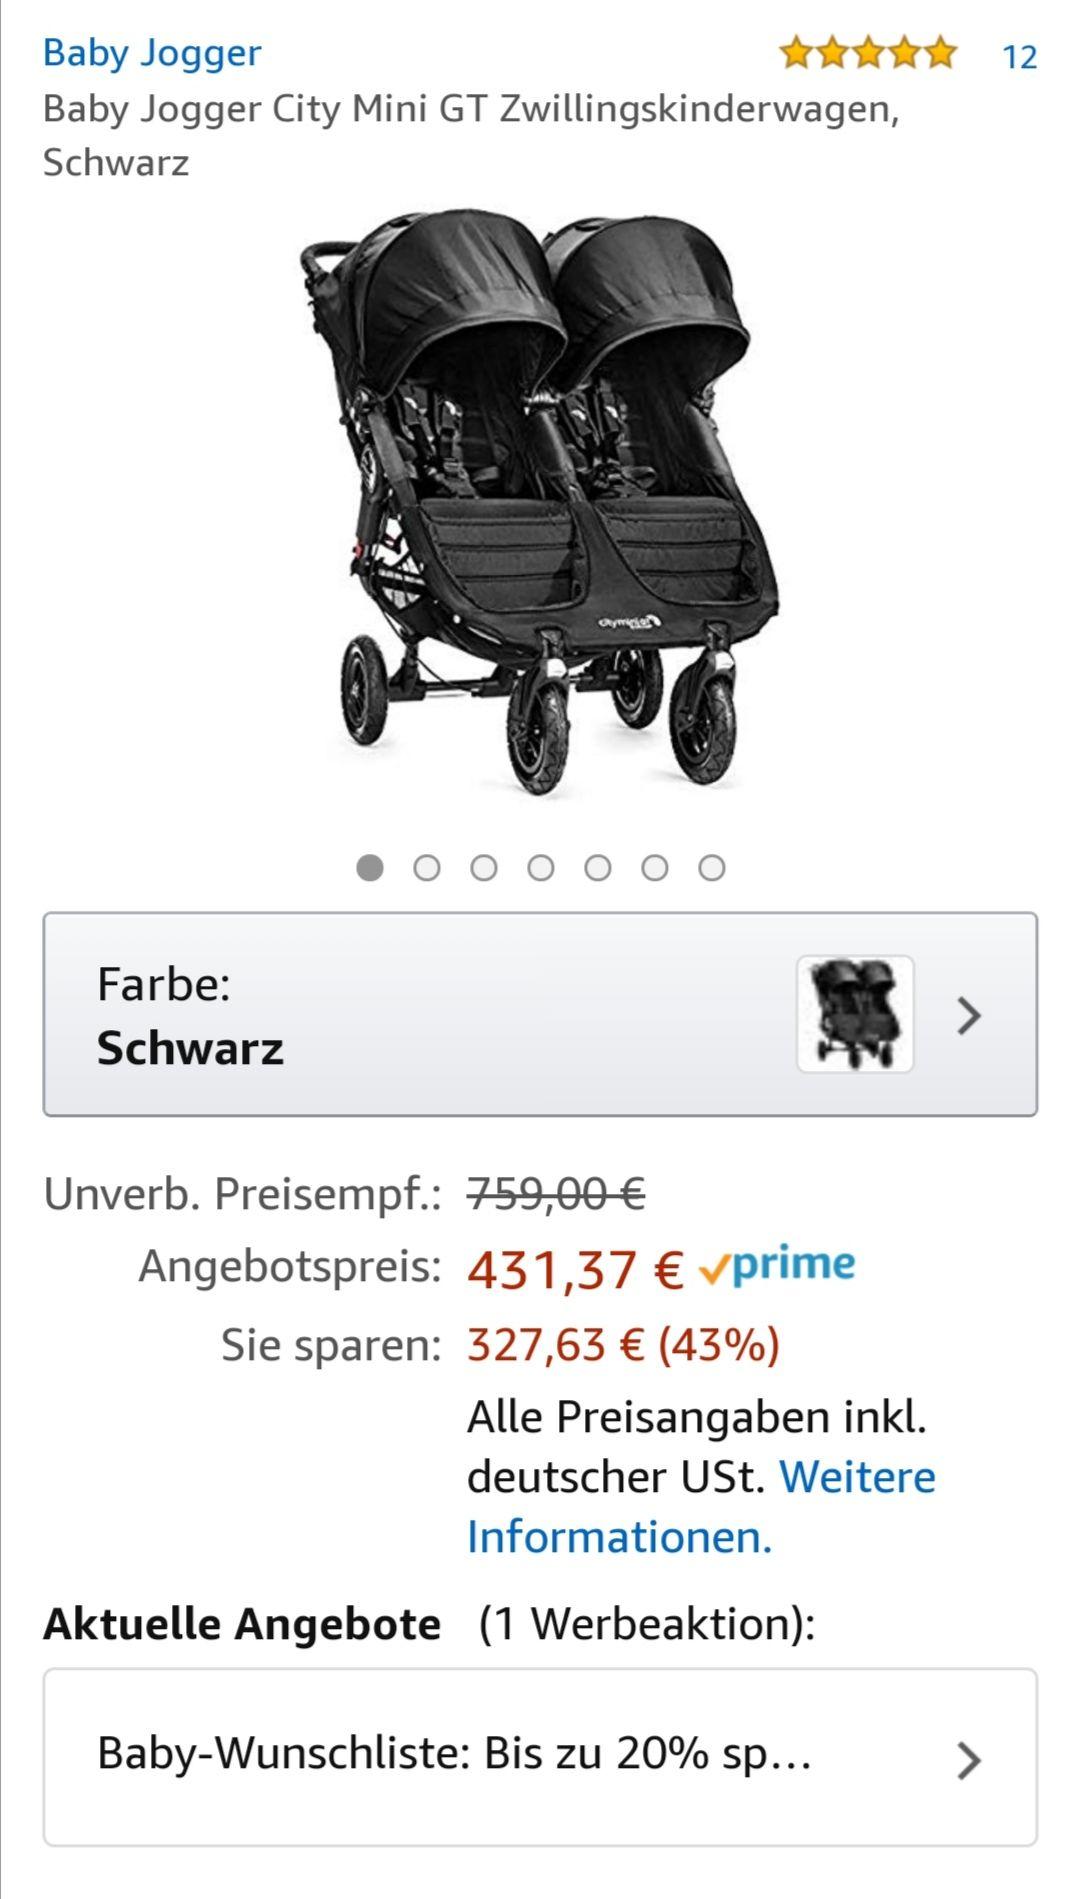 Baby Jogger City Mini GT Zwillings/Geschwisterwagen. Bis 45 Kg -> ca 5 Jahre. Mit Baby-Wunschliste zusätzlich 10/15/20%